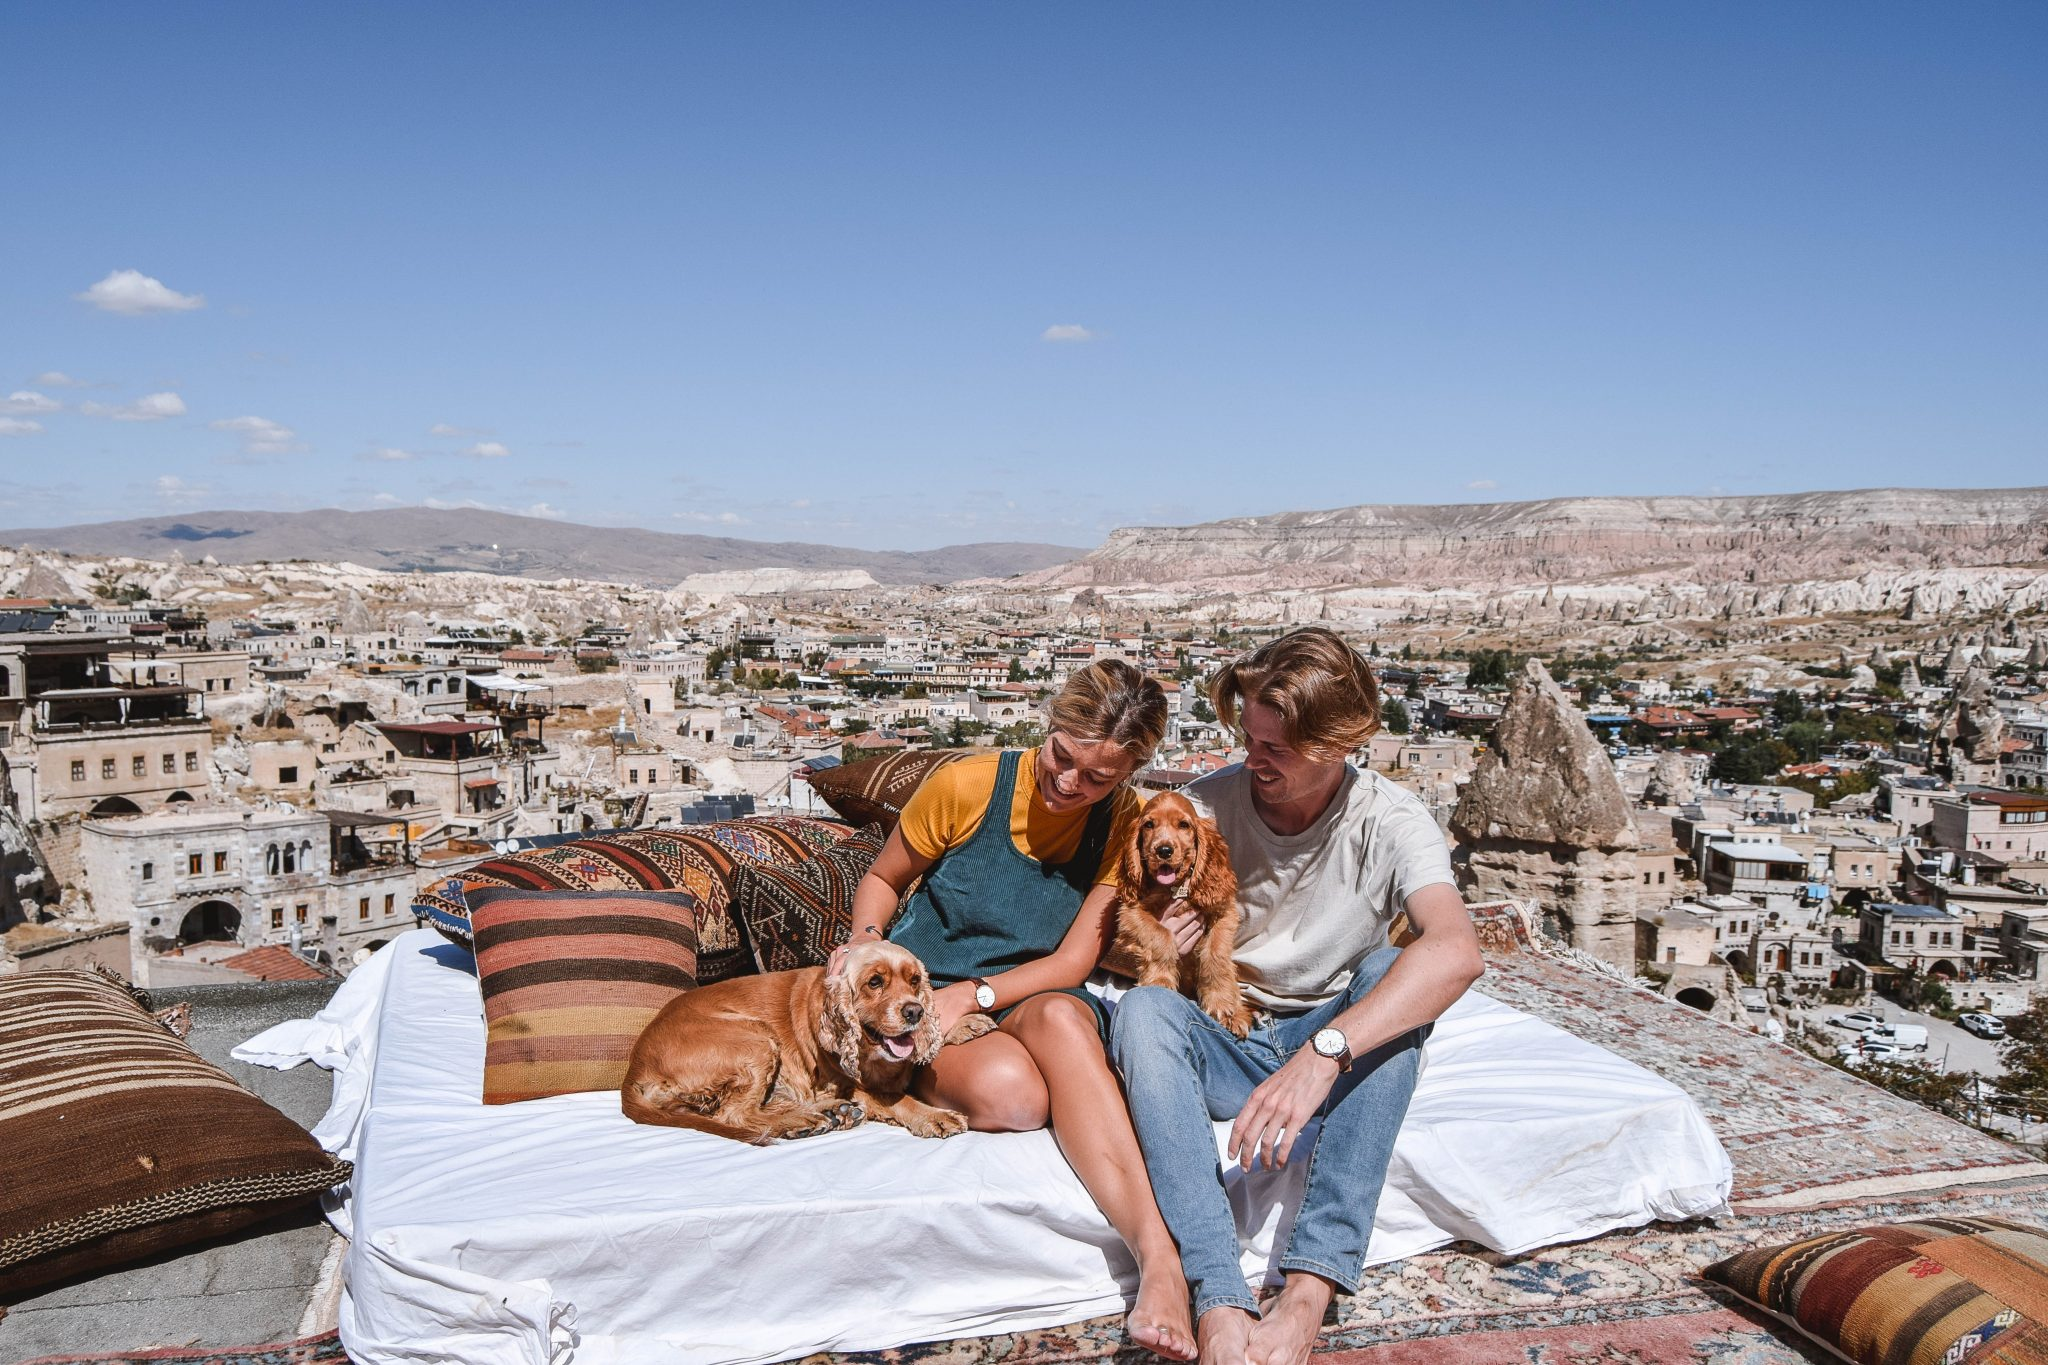 Wanderers & Warriors - Charlie & Lauren UK Travel Couple - Things To Do In Cappadocia Puppies